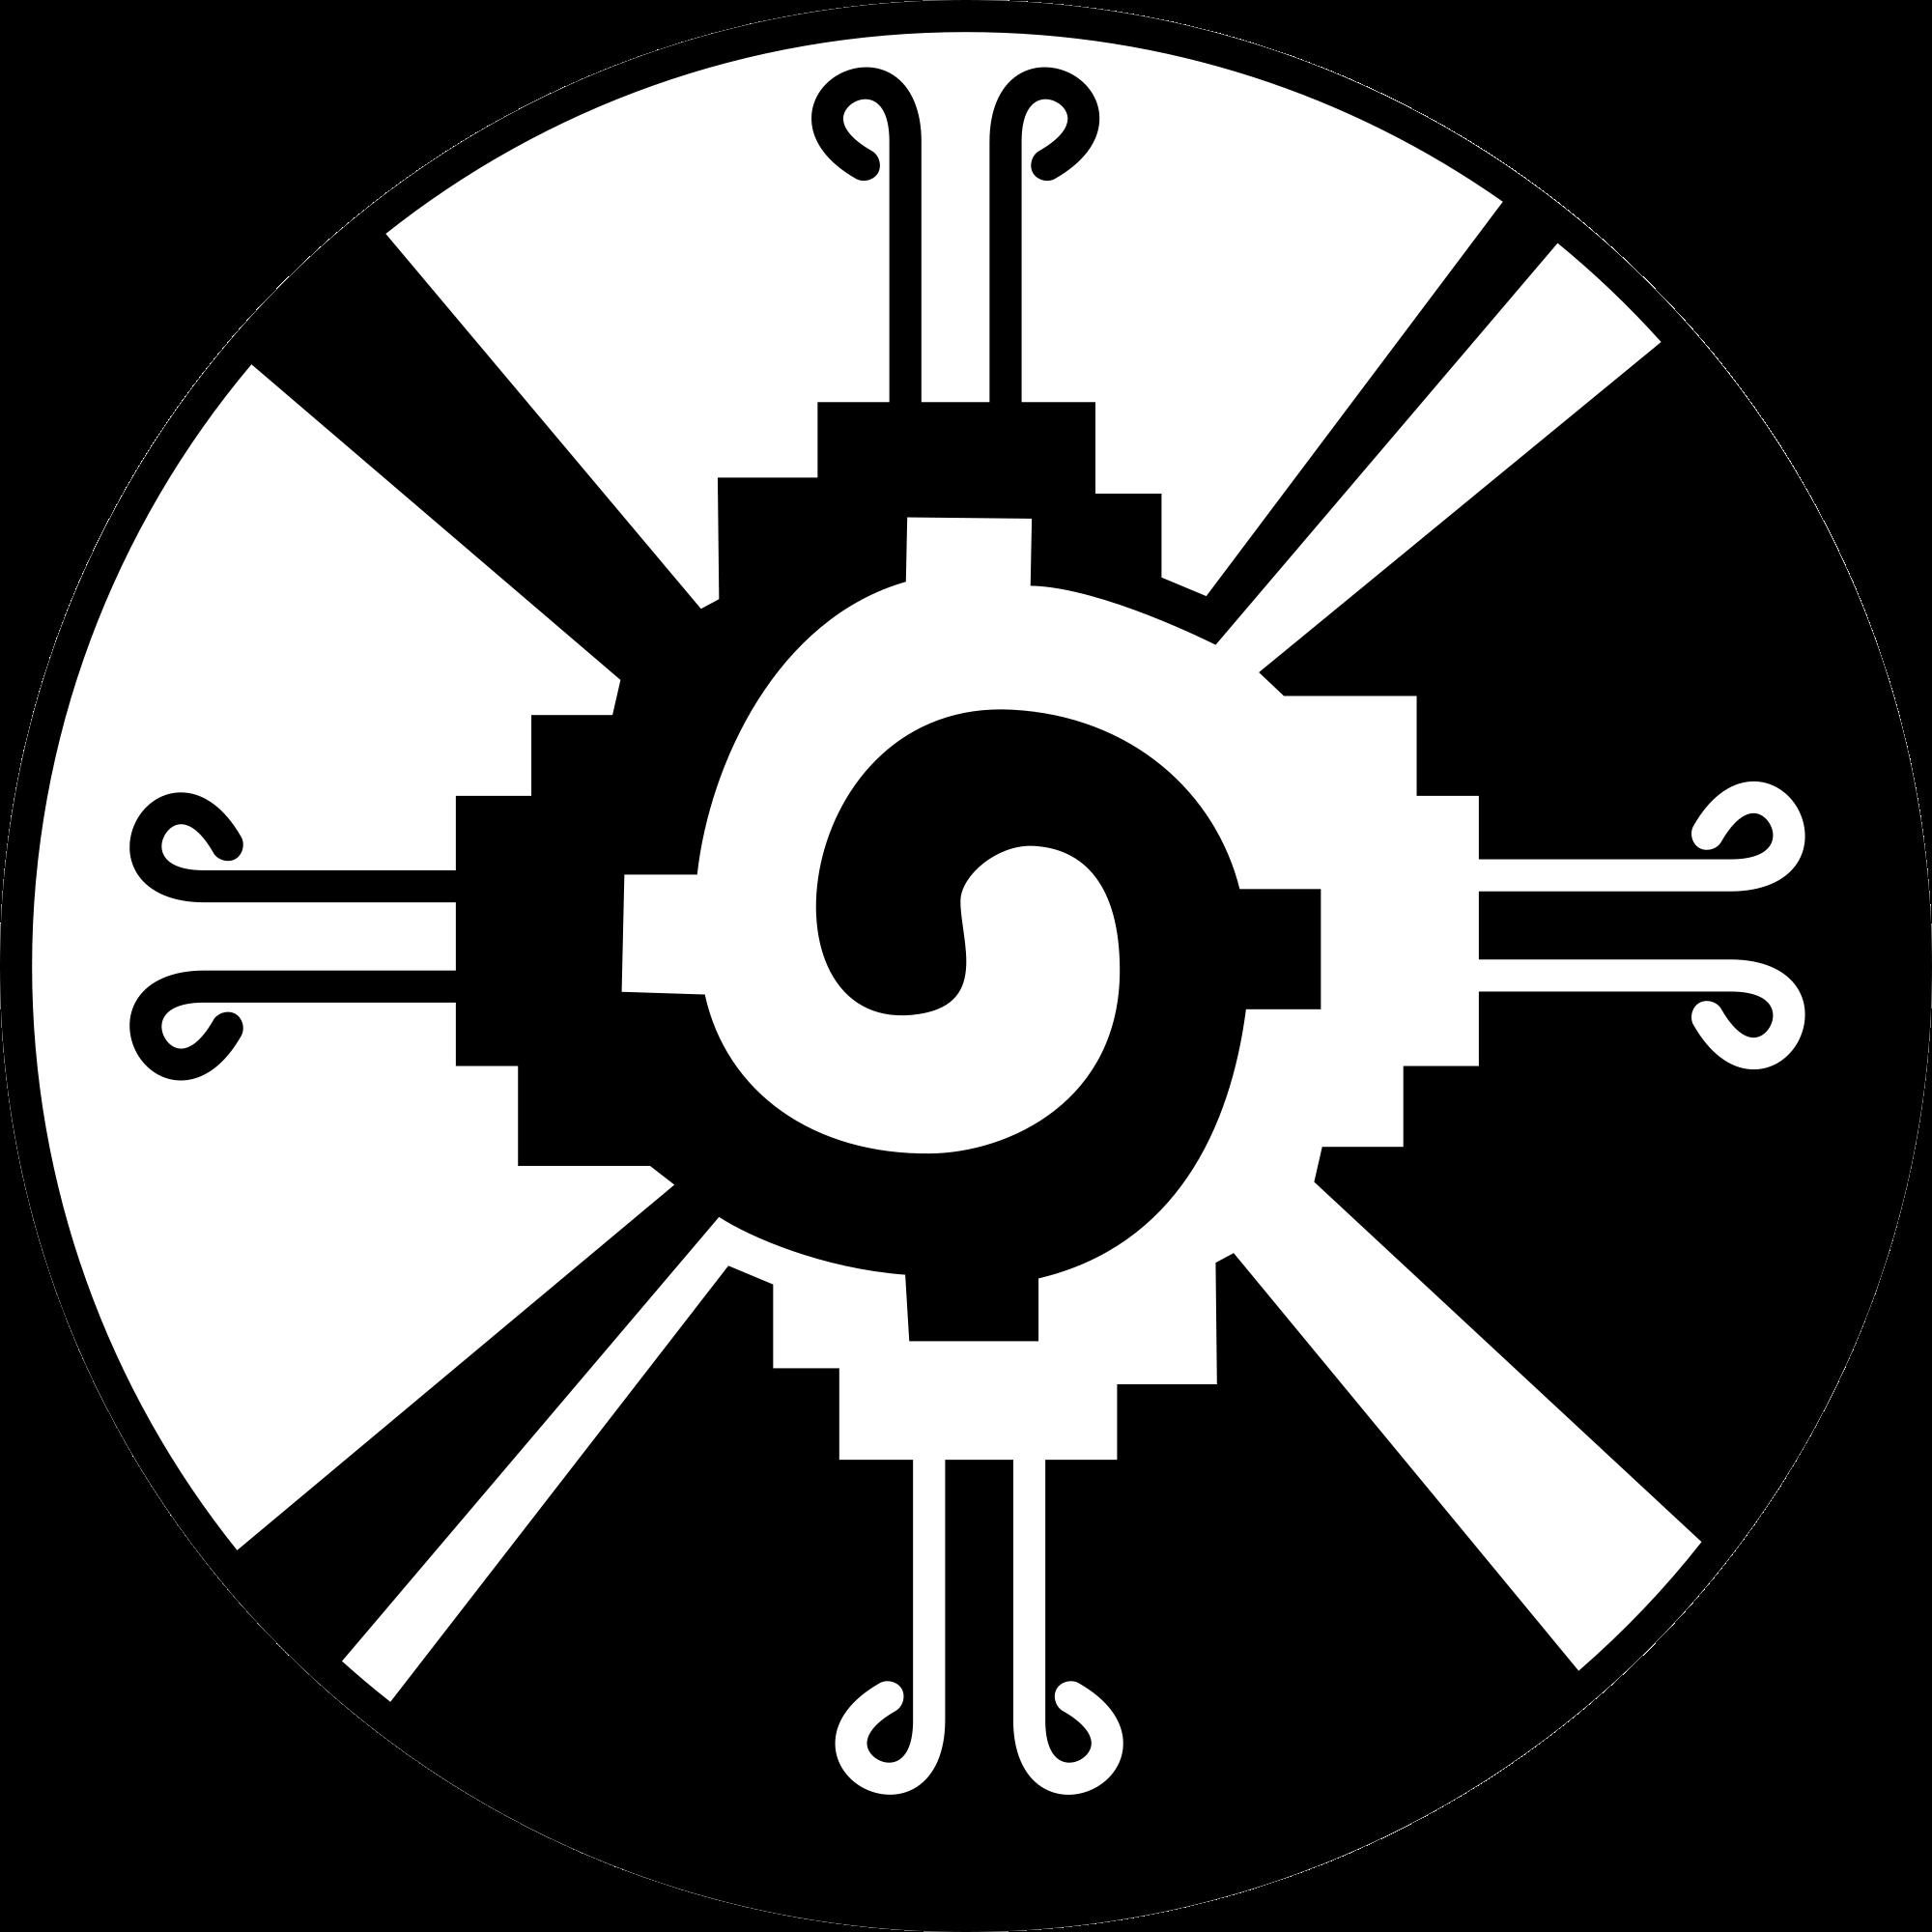 quincunce - cuatro rumbos de la cultura anahuaca